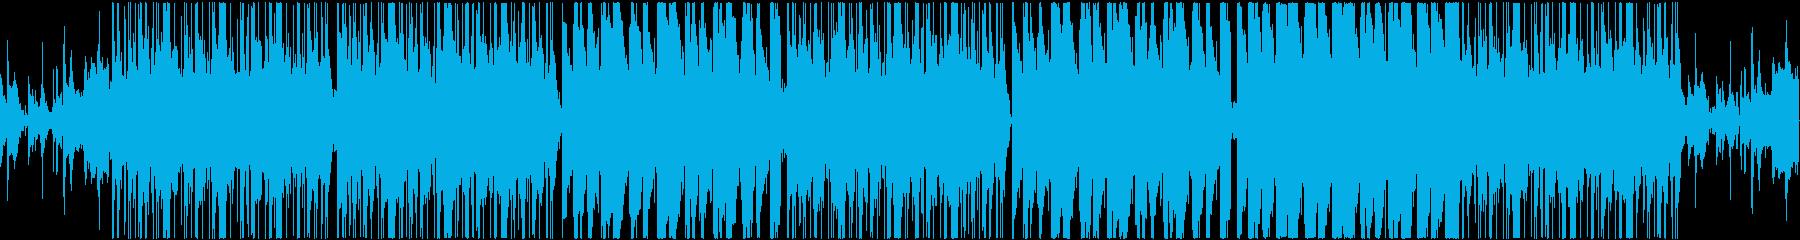 ダーク感のある重低音ヒップホップの再生済みの波形